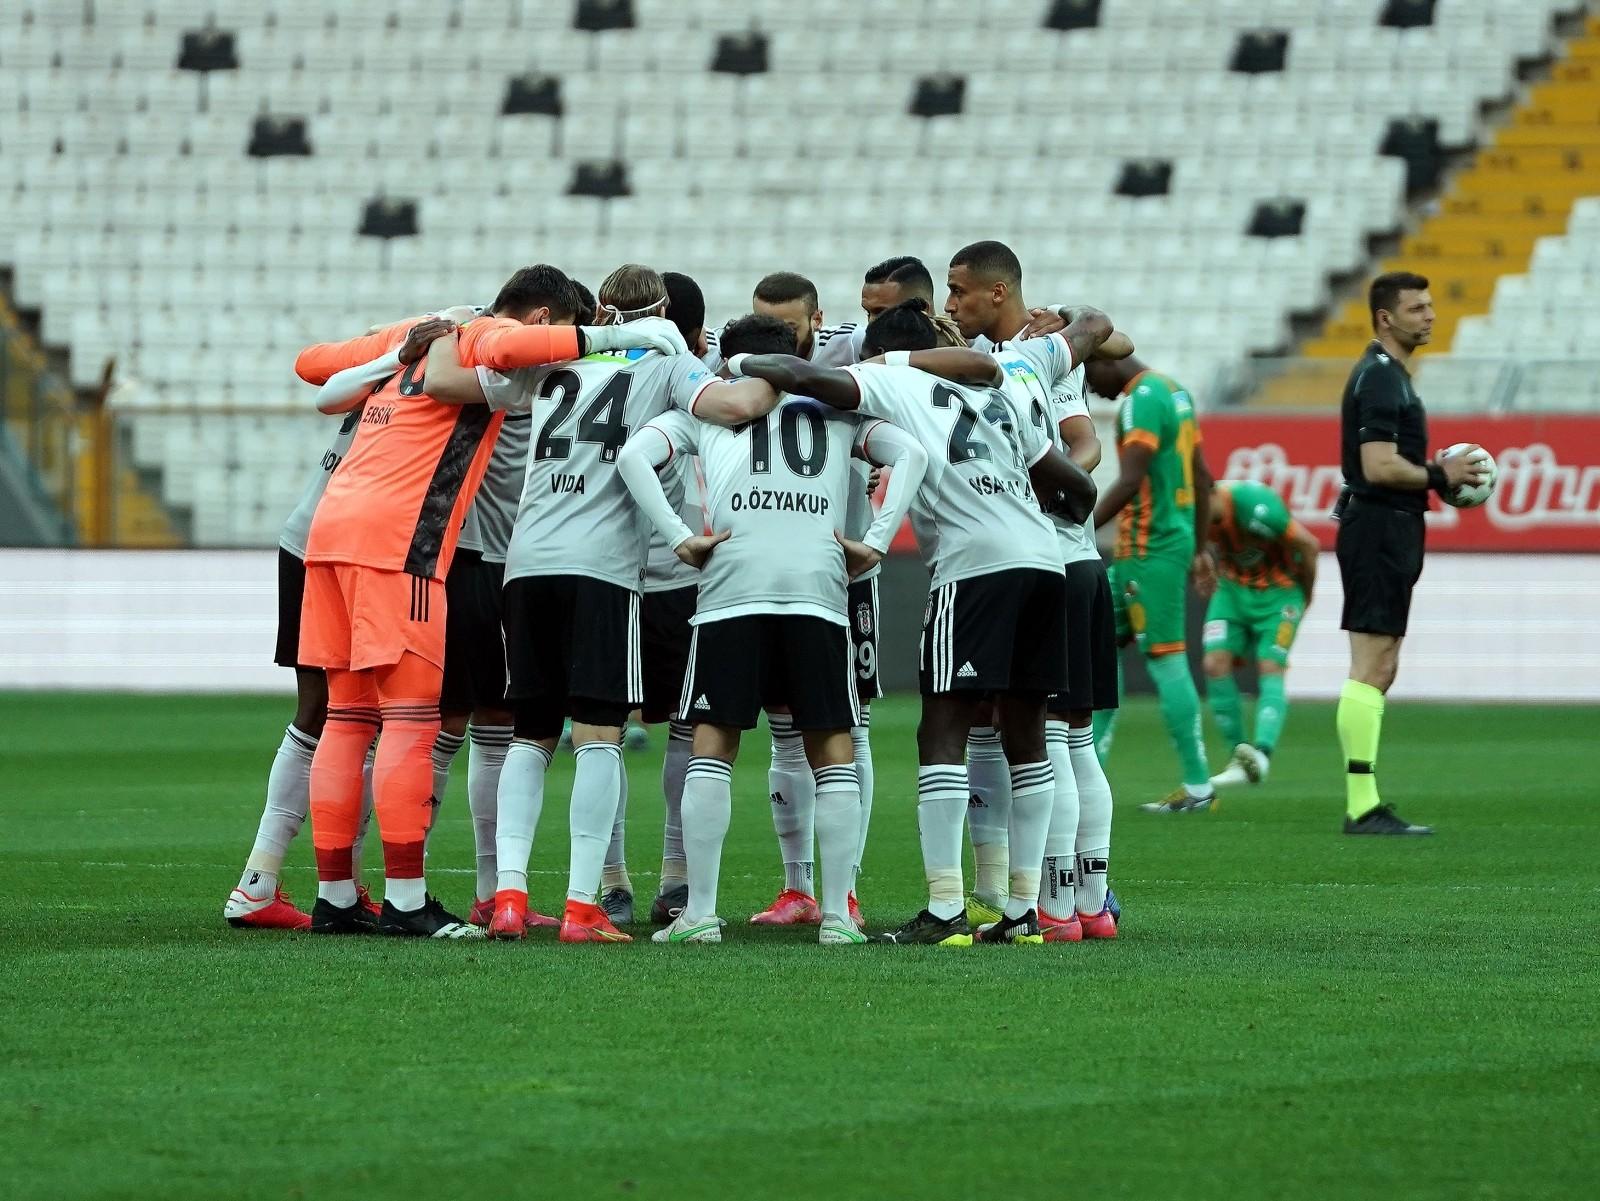 Hedef galibiyet serisi! Lider Beşiktaş, Erzurumspor maçını kazanmak istiyor